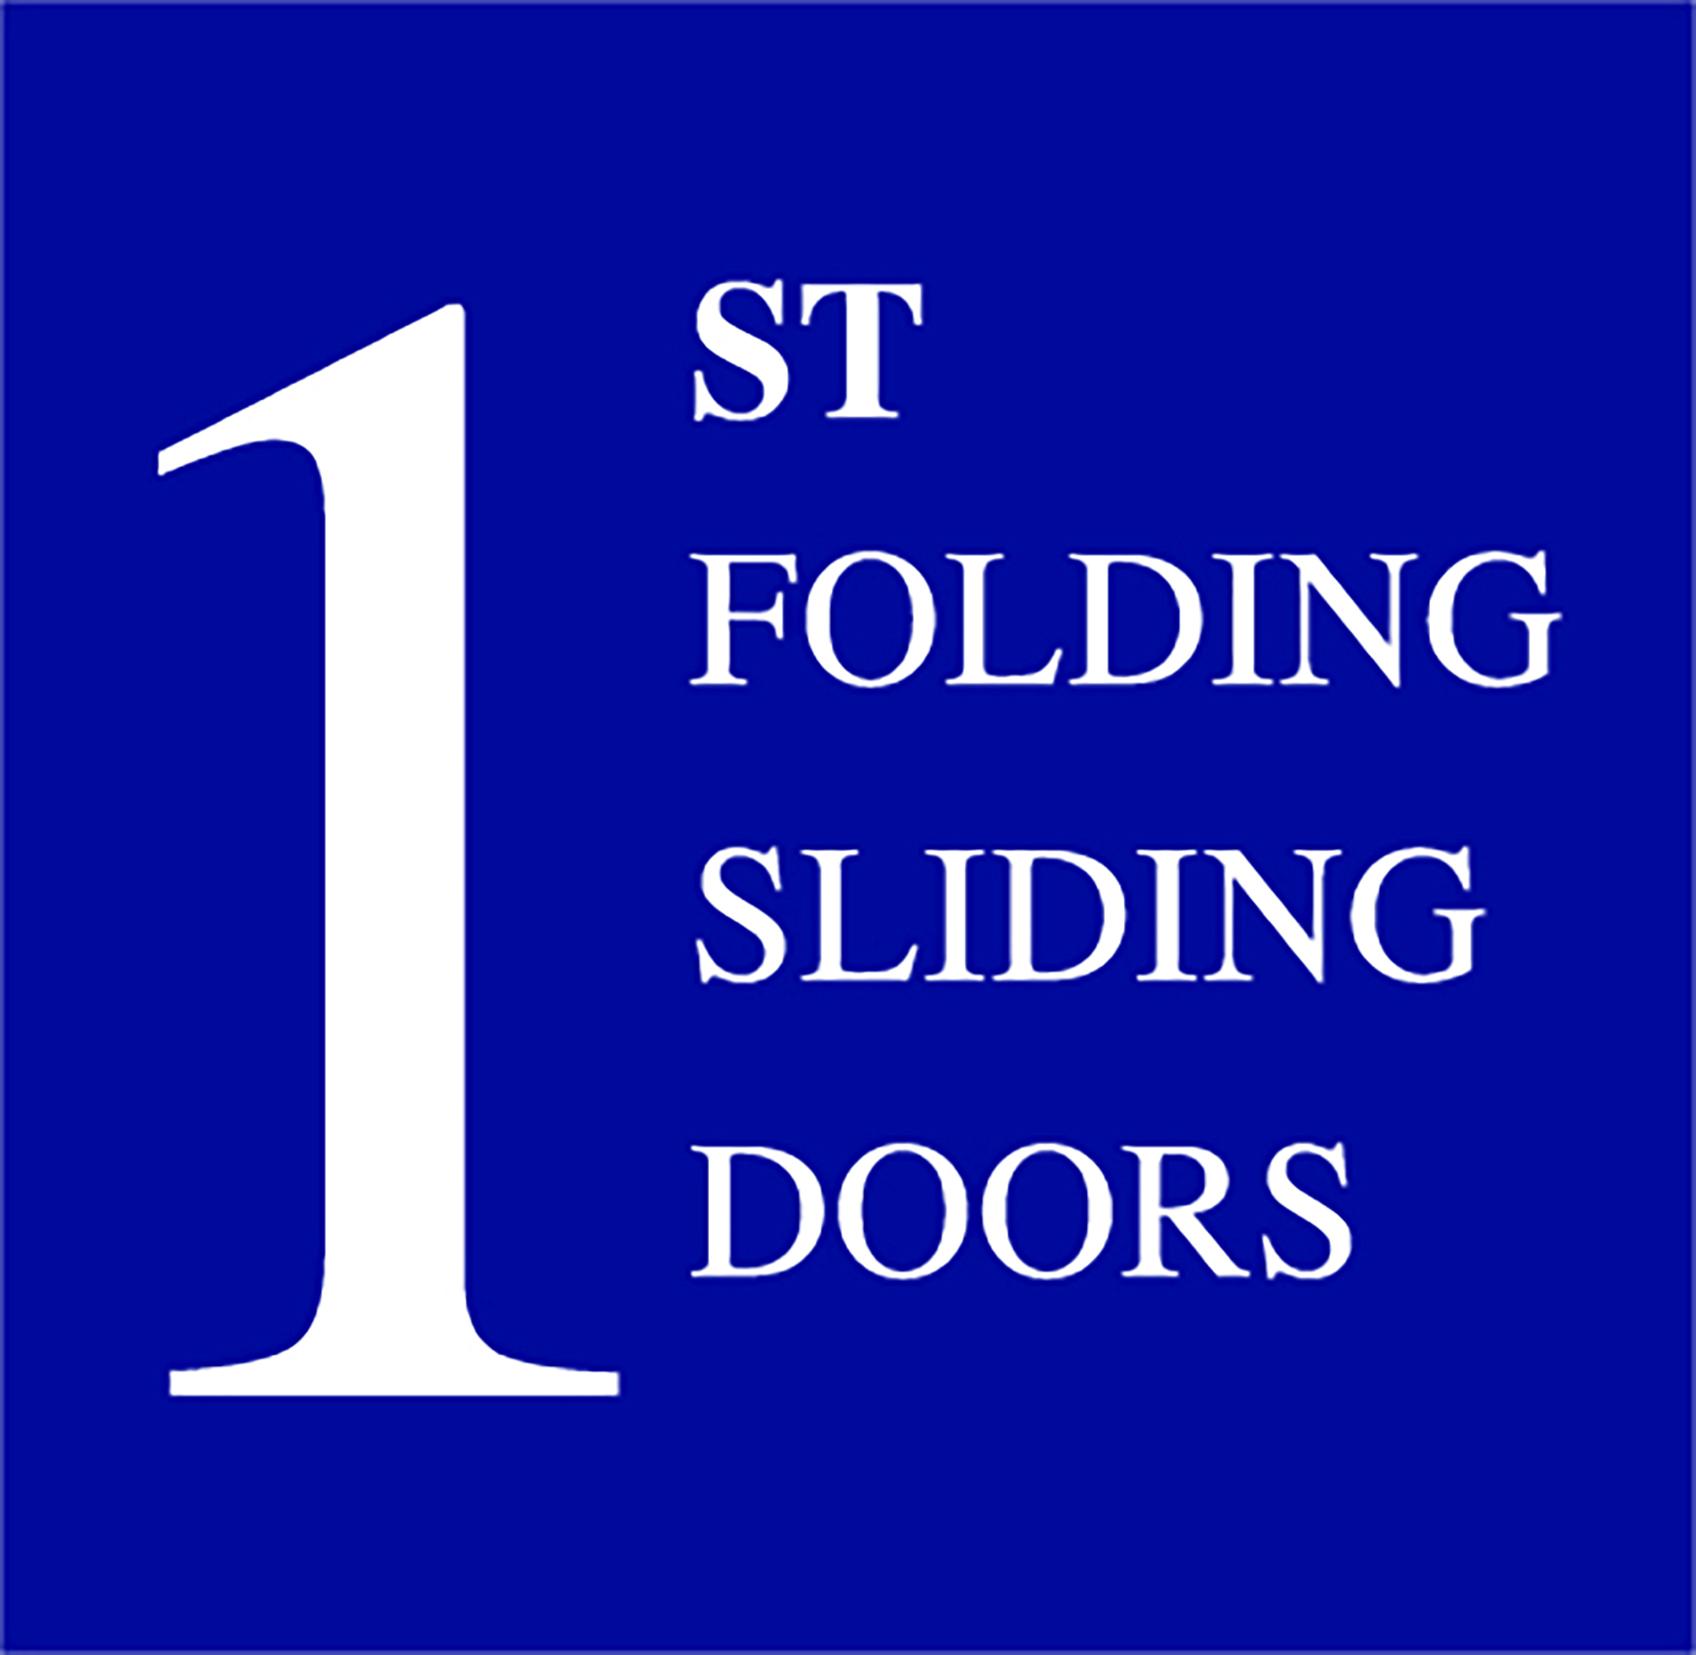 1st Folding Sliding Doors Ltd (Greenford)